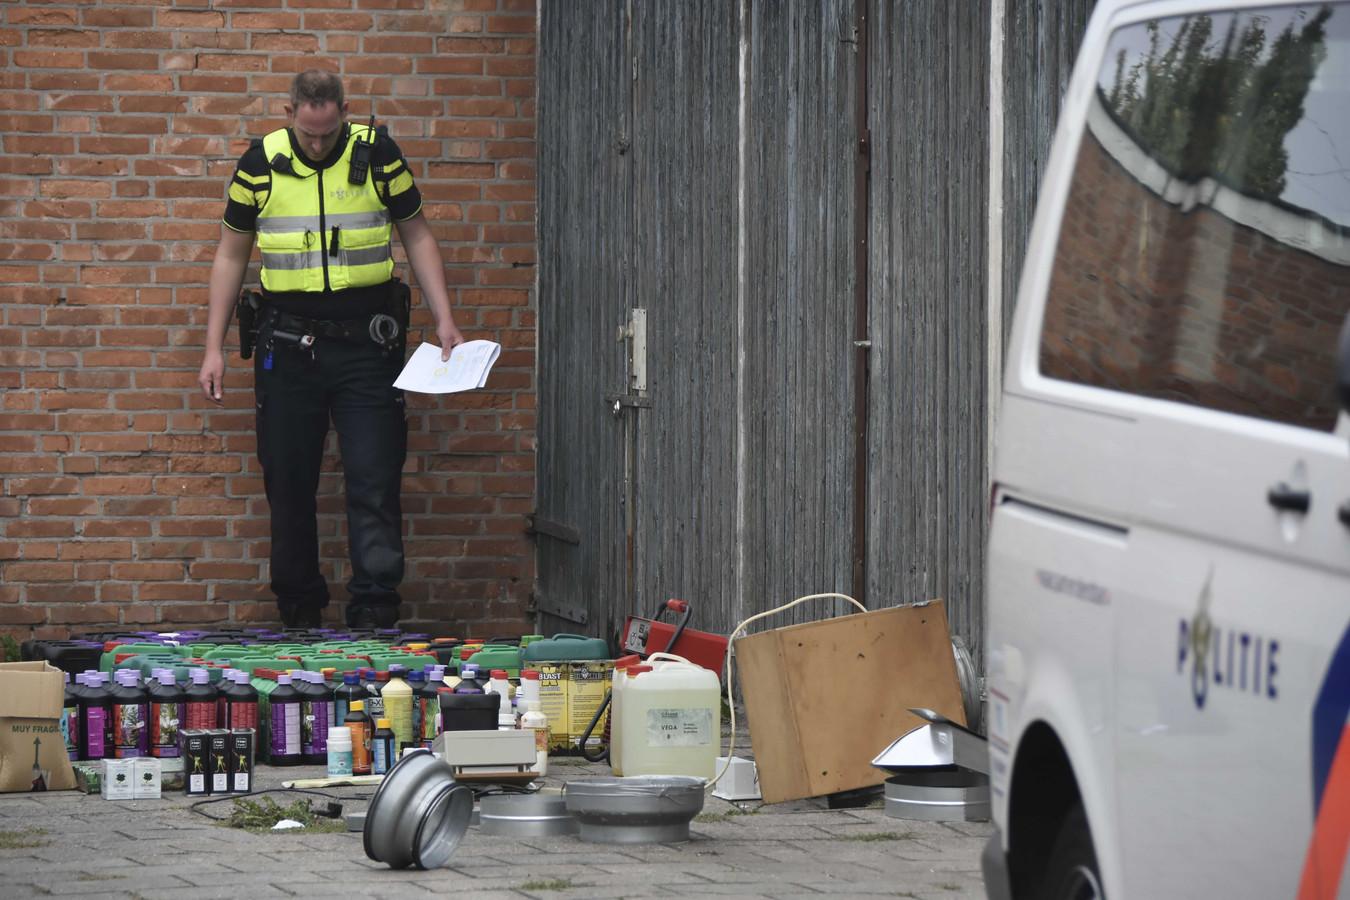 Een agent tijdens de grote politieactie in de Almelose wijk Nieuwstraatkwartier.